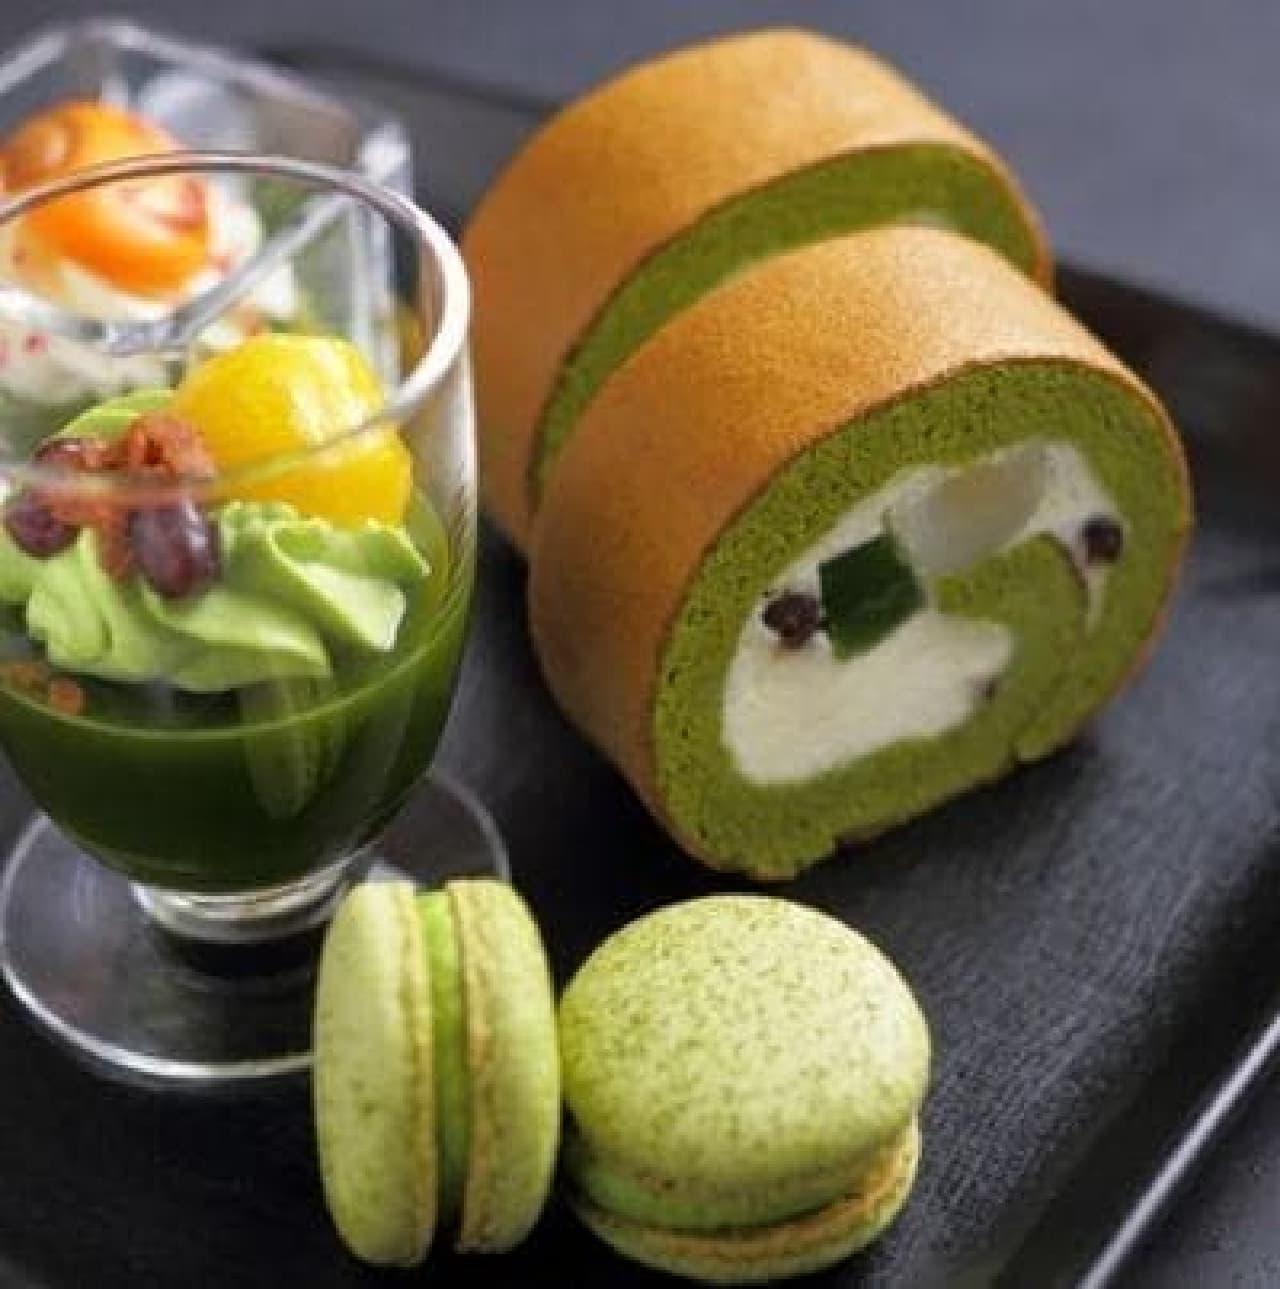 ホテルニューオータニ大阪「スイーツ&サンドウィッチハロウィンビュッフェ」